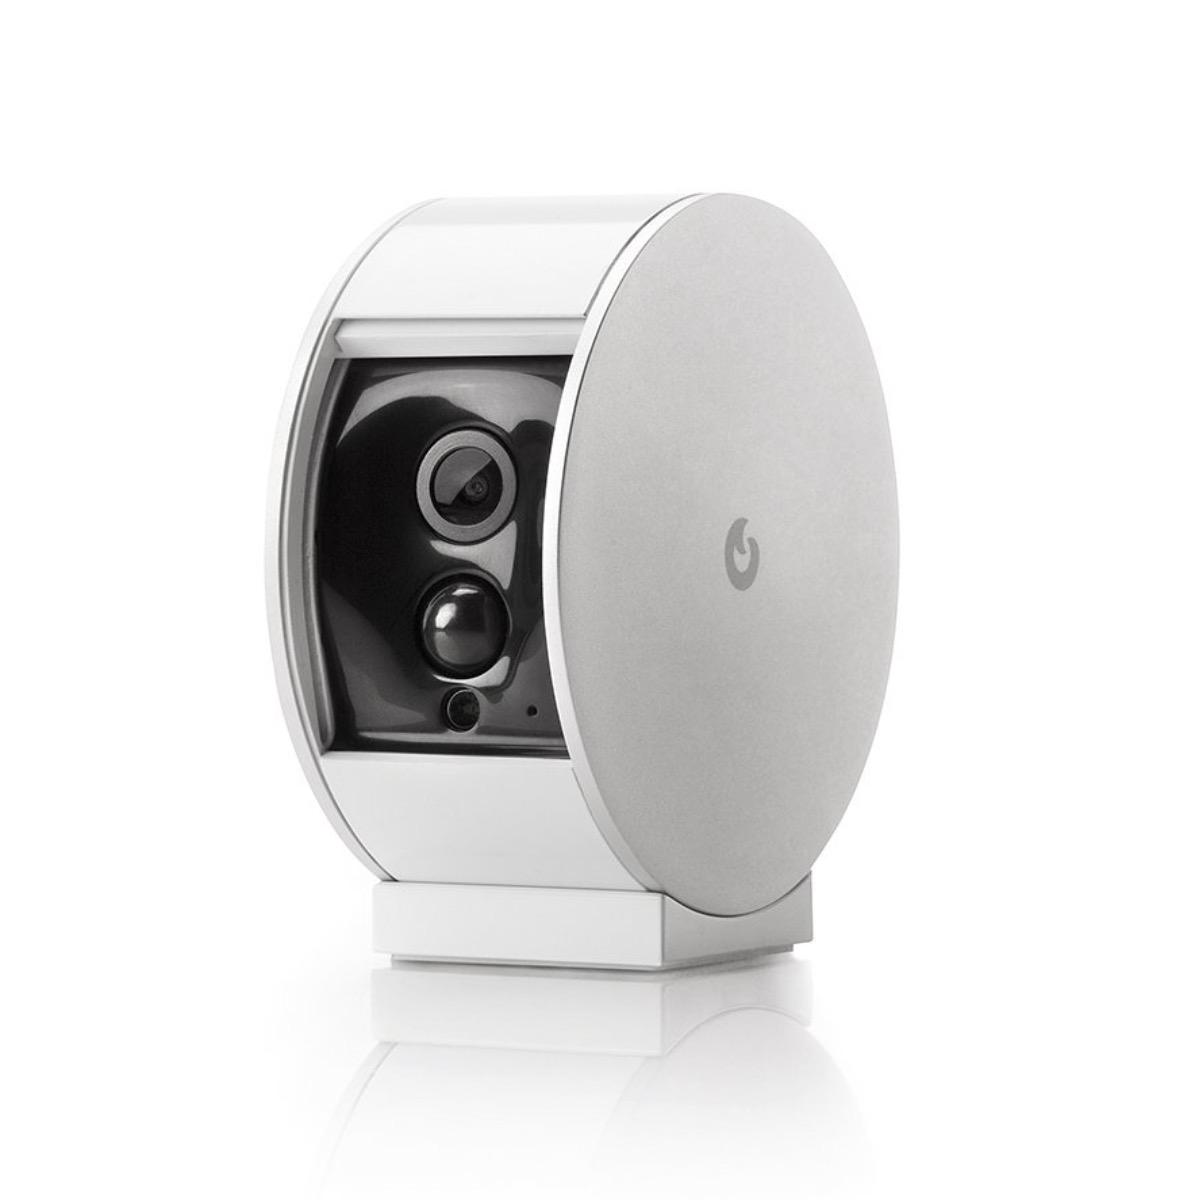 Myfox Security Camera, per tenere la casa sotto controllo con stile